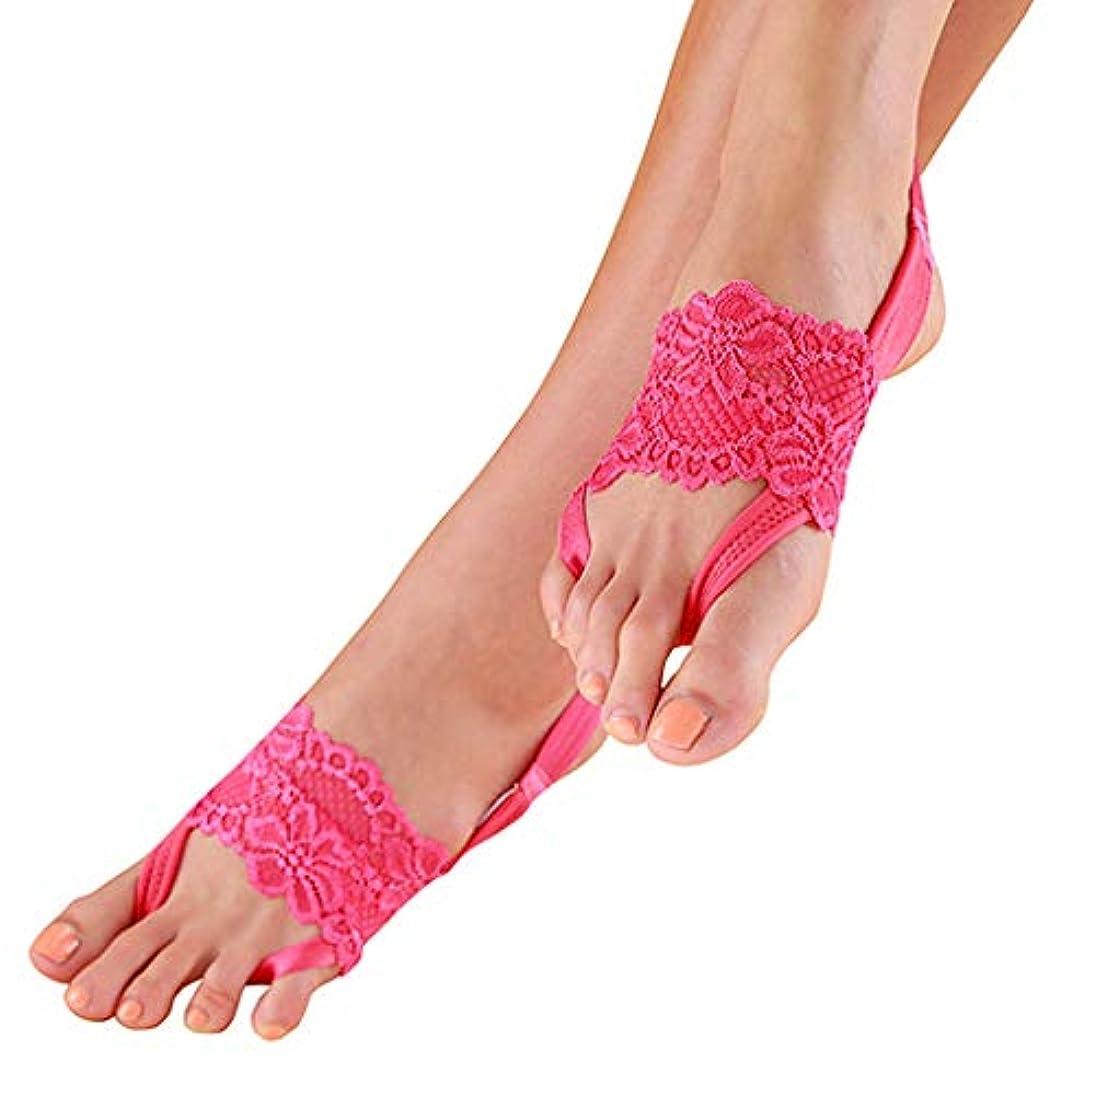 衝突海不毛の累計20万足売れています 足が疲れにくい アシピタ 【 ピンク Mサイズ ソックス 】むくみ 冷え 美脚 美姿勢をサポート 23.5-25cm